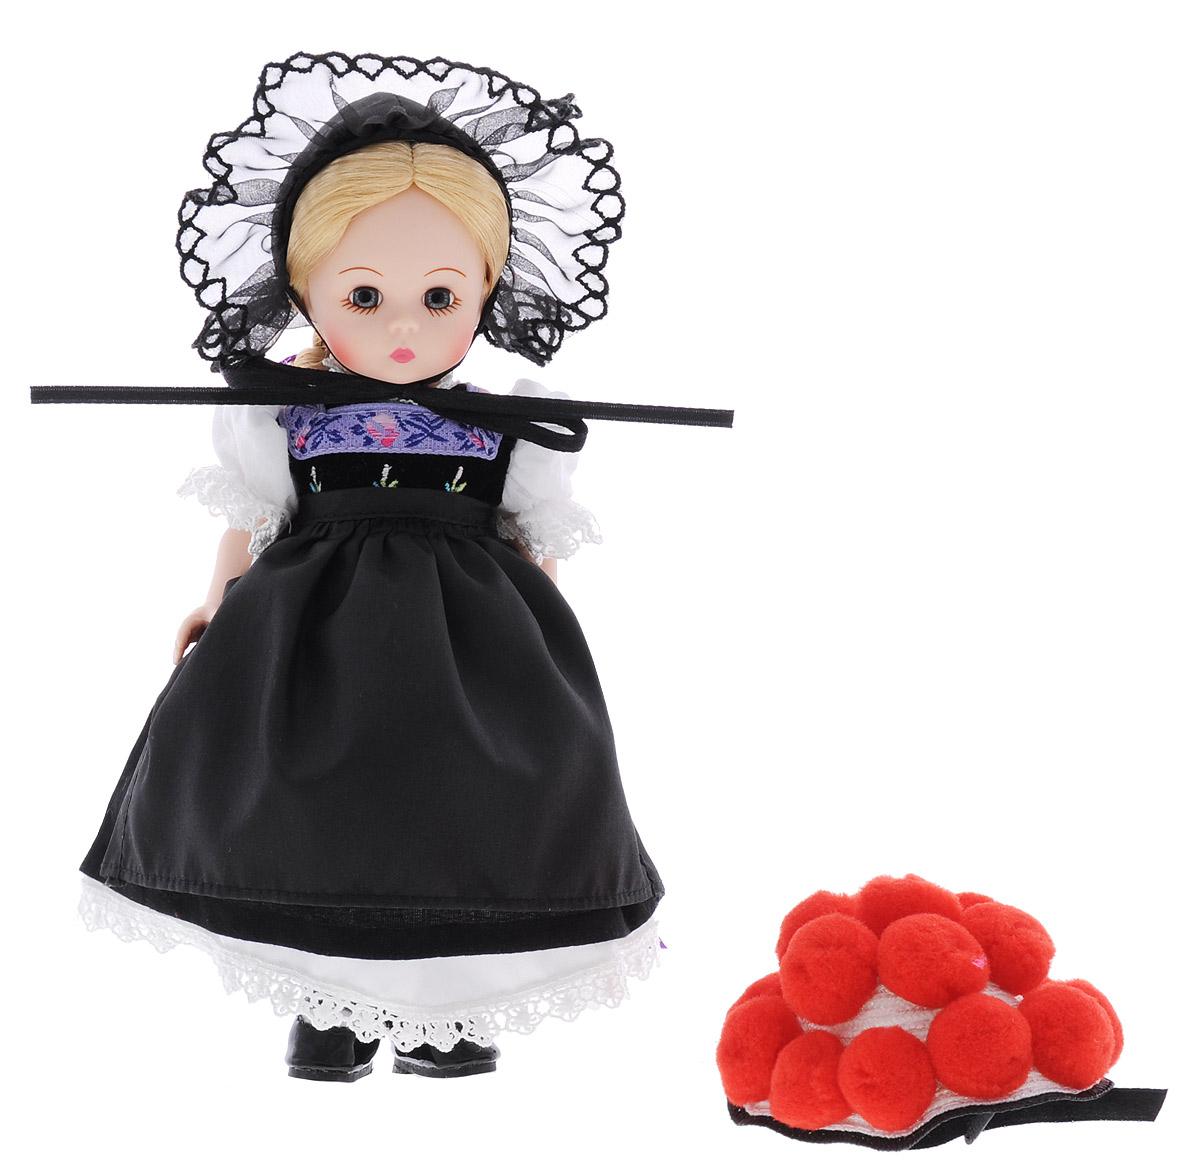 Madame Alexander Мини-кукла Девочка из Германии64495Мини-кукла Madame Alexander Девочка из Германии станет прекрасным украшением любой коллекции вашей дочурки. Кукла с личиком Венди голубоглазая. Золотистые волосы заплетены в длинную косу и завязаны фиолетовой лентой. На кукле черное платье, с белыми кружевными рукавами, лиф платья вышит цветами. Нижняя юбка из кружевного белого хлопка. На ногах у куклы белые колготки и черные лакированные туфли с застежками. На голове необычная шляпа. Также в набор входит дополнительная шляпка. Руки, ноги и голова куклы подвижны. Реалистичные глазки куклы закрываются, если положить ее на спину.